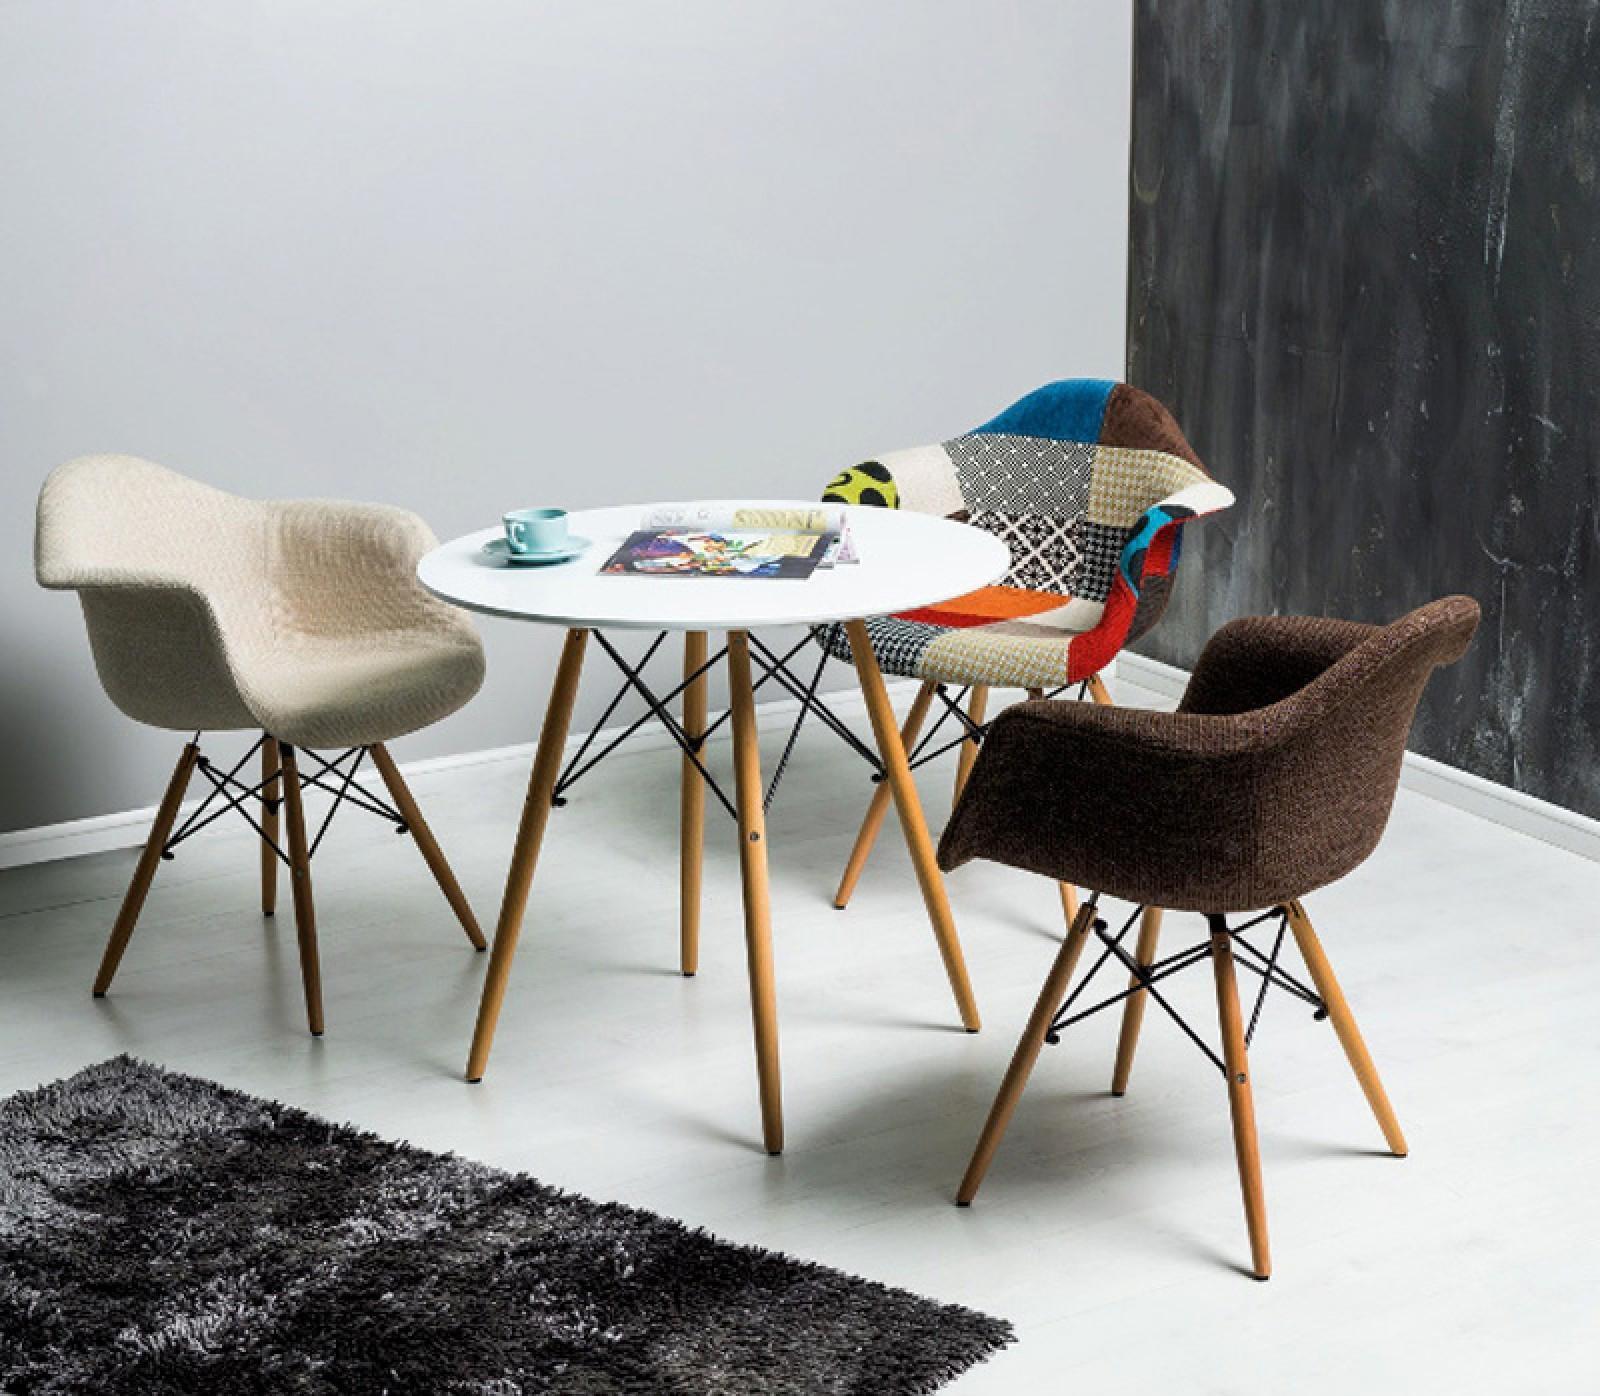 étkező asztal, étkezőasztal, galant étkezőasztal, krémszínű étkezőasztal, üvegasztal